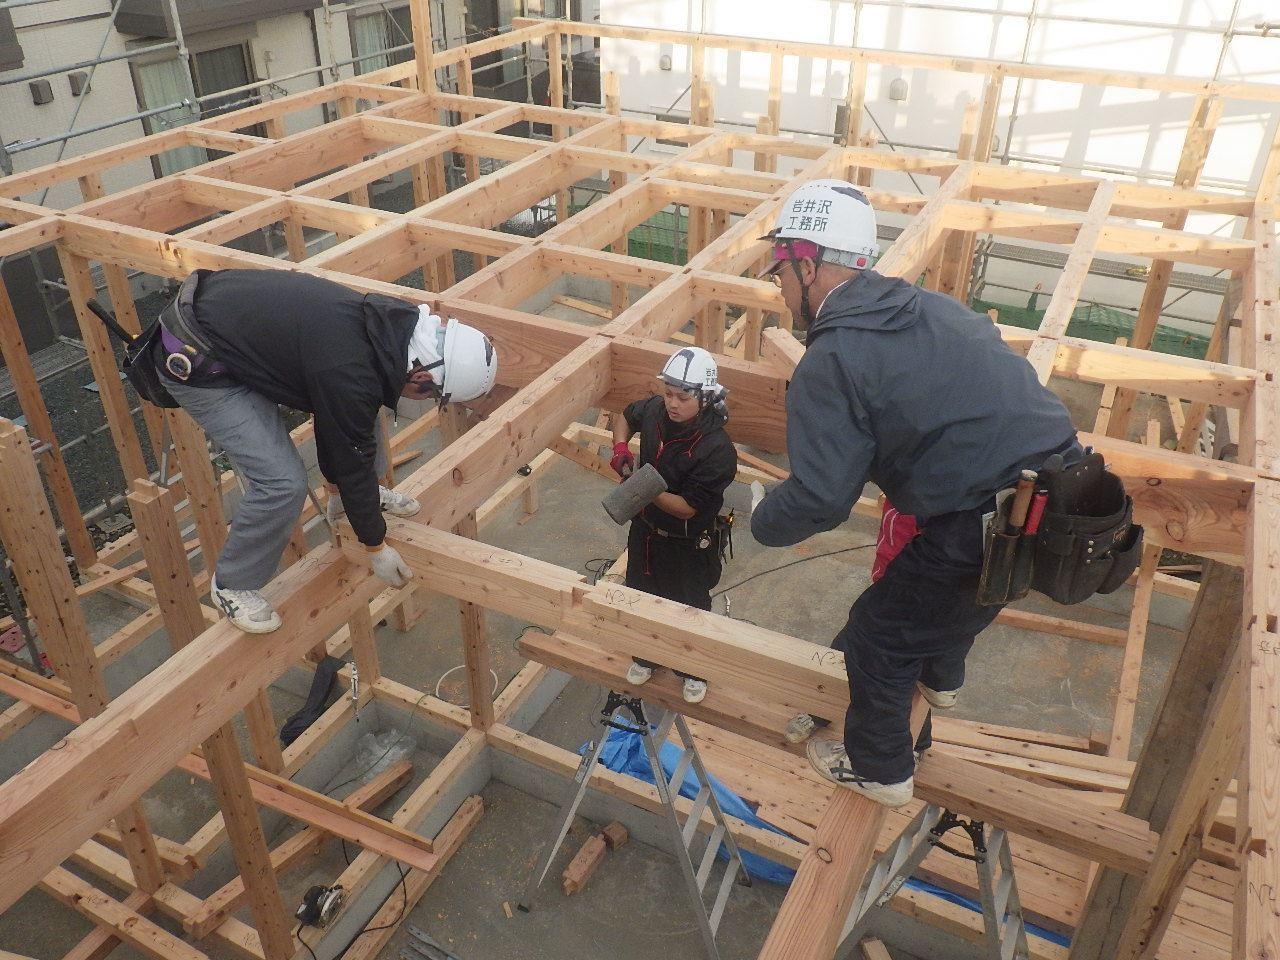 下太田 古材新築の家 建て方作業スタート!_f0105112_04425578.jpg